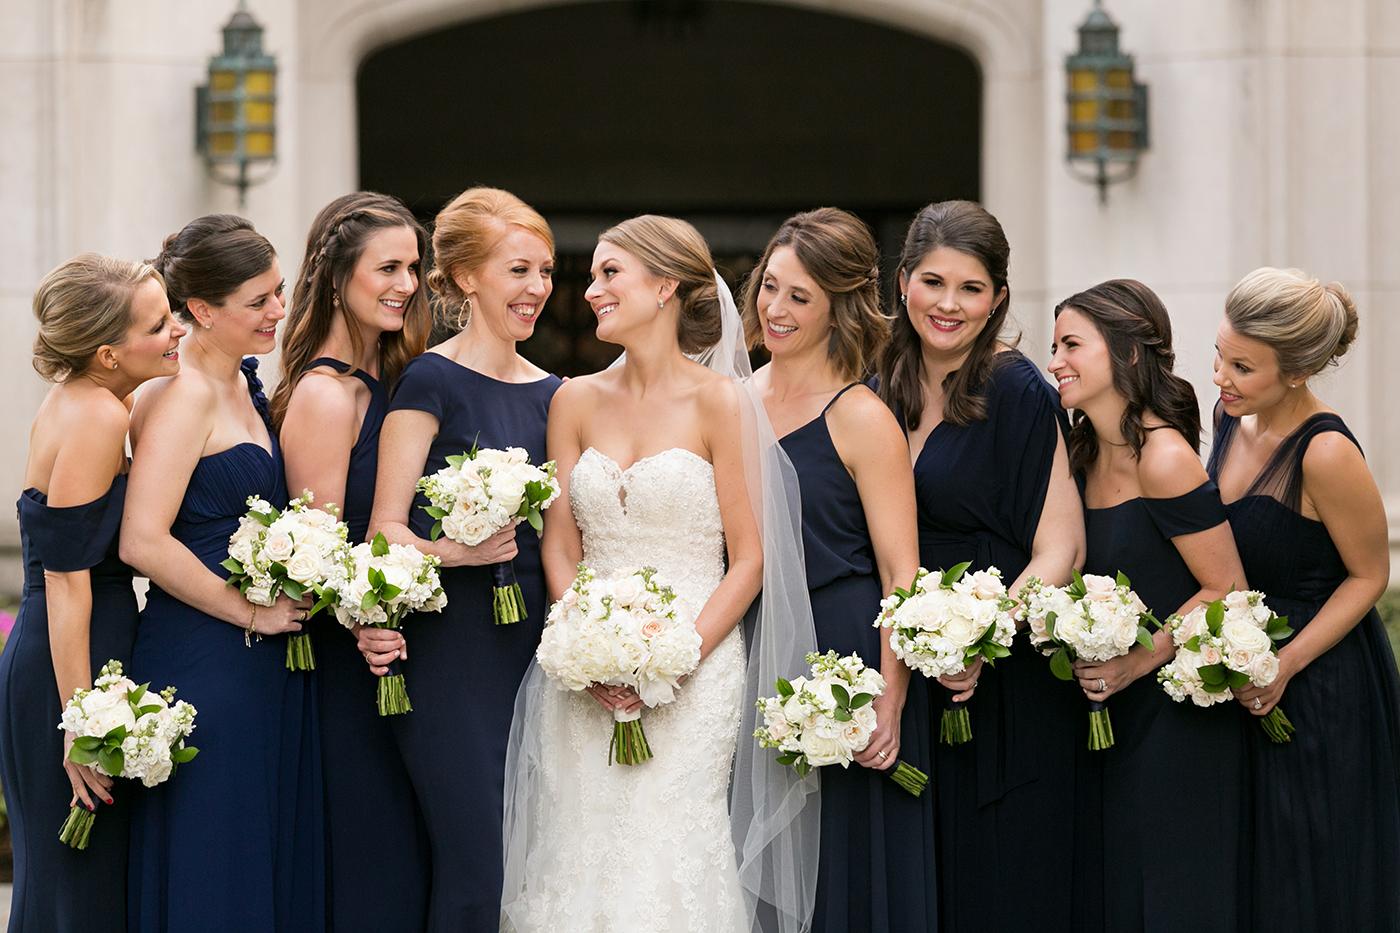 Dallas Wedding Planner - Allday Events - Classic Wedding at Dallas Scottish Rite - 285.jpg